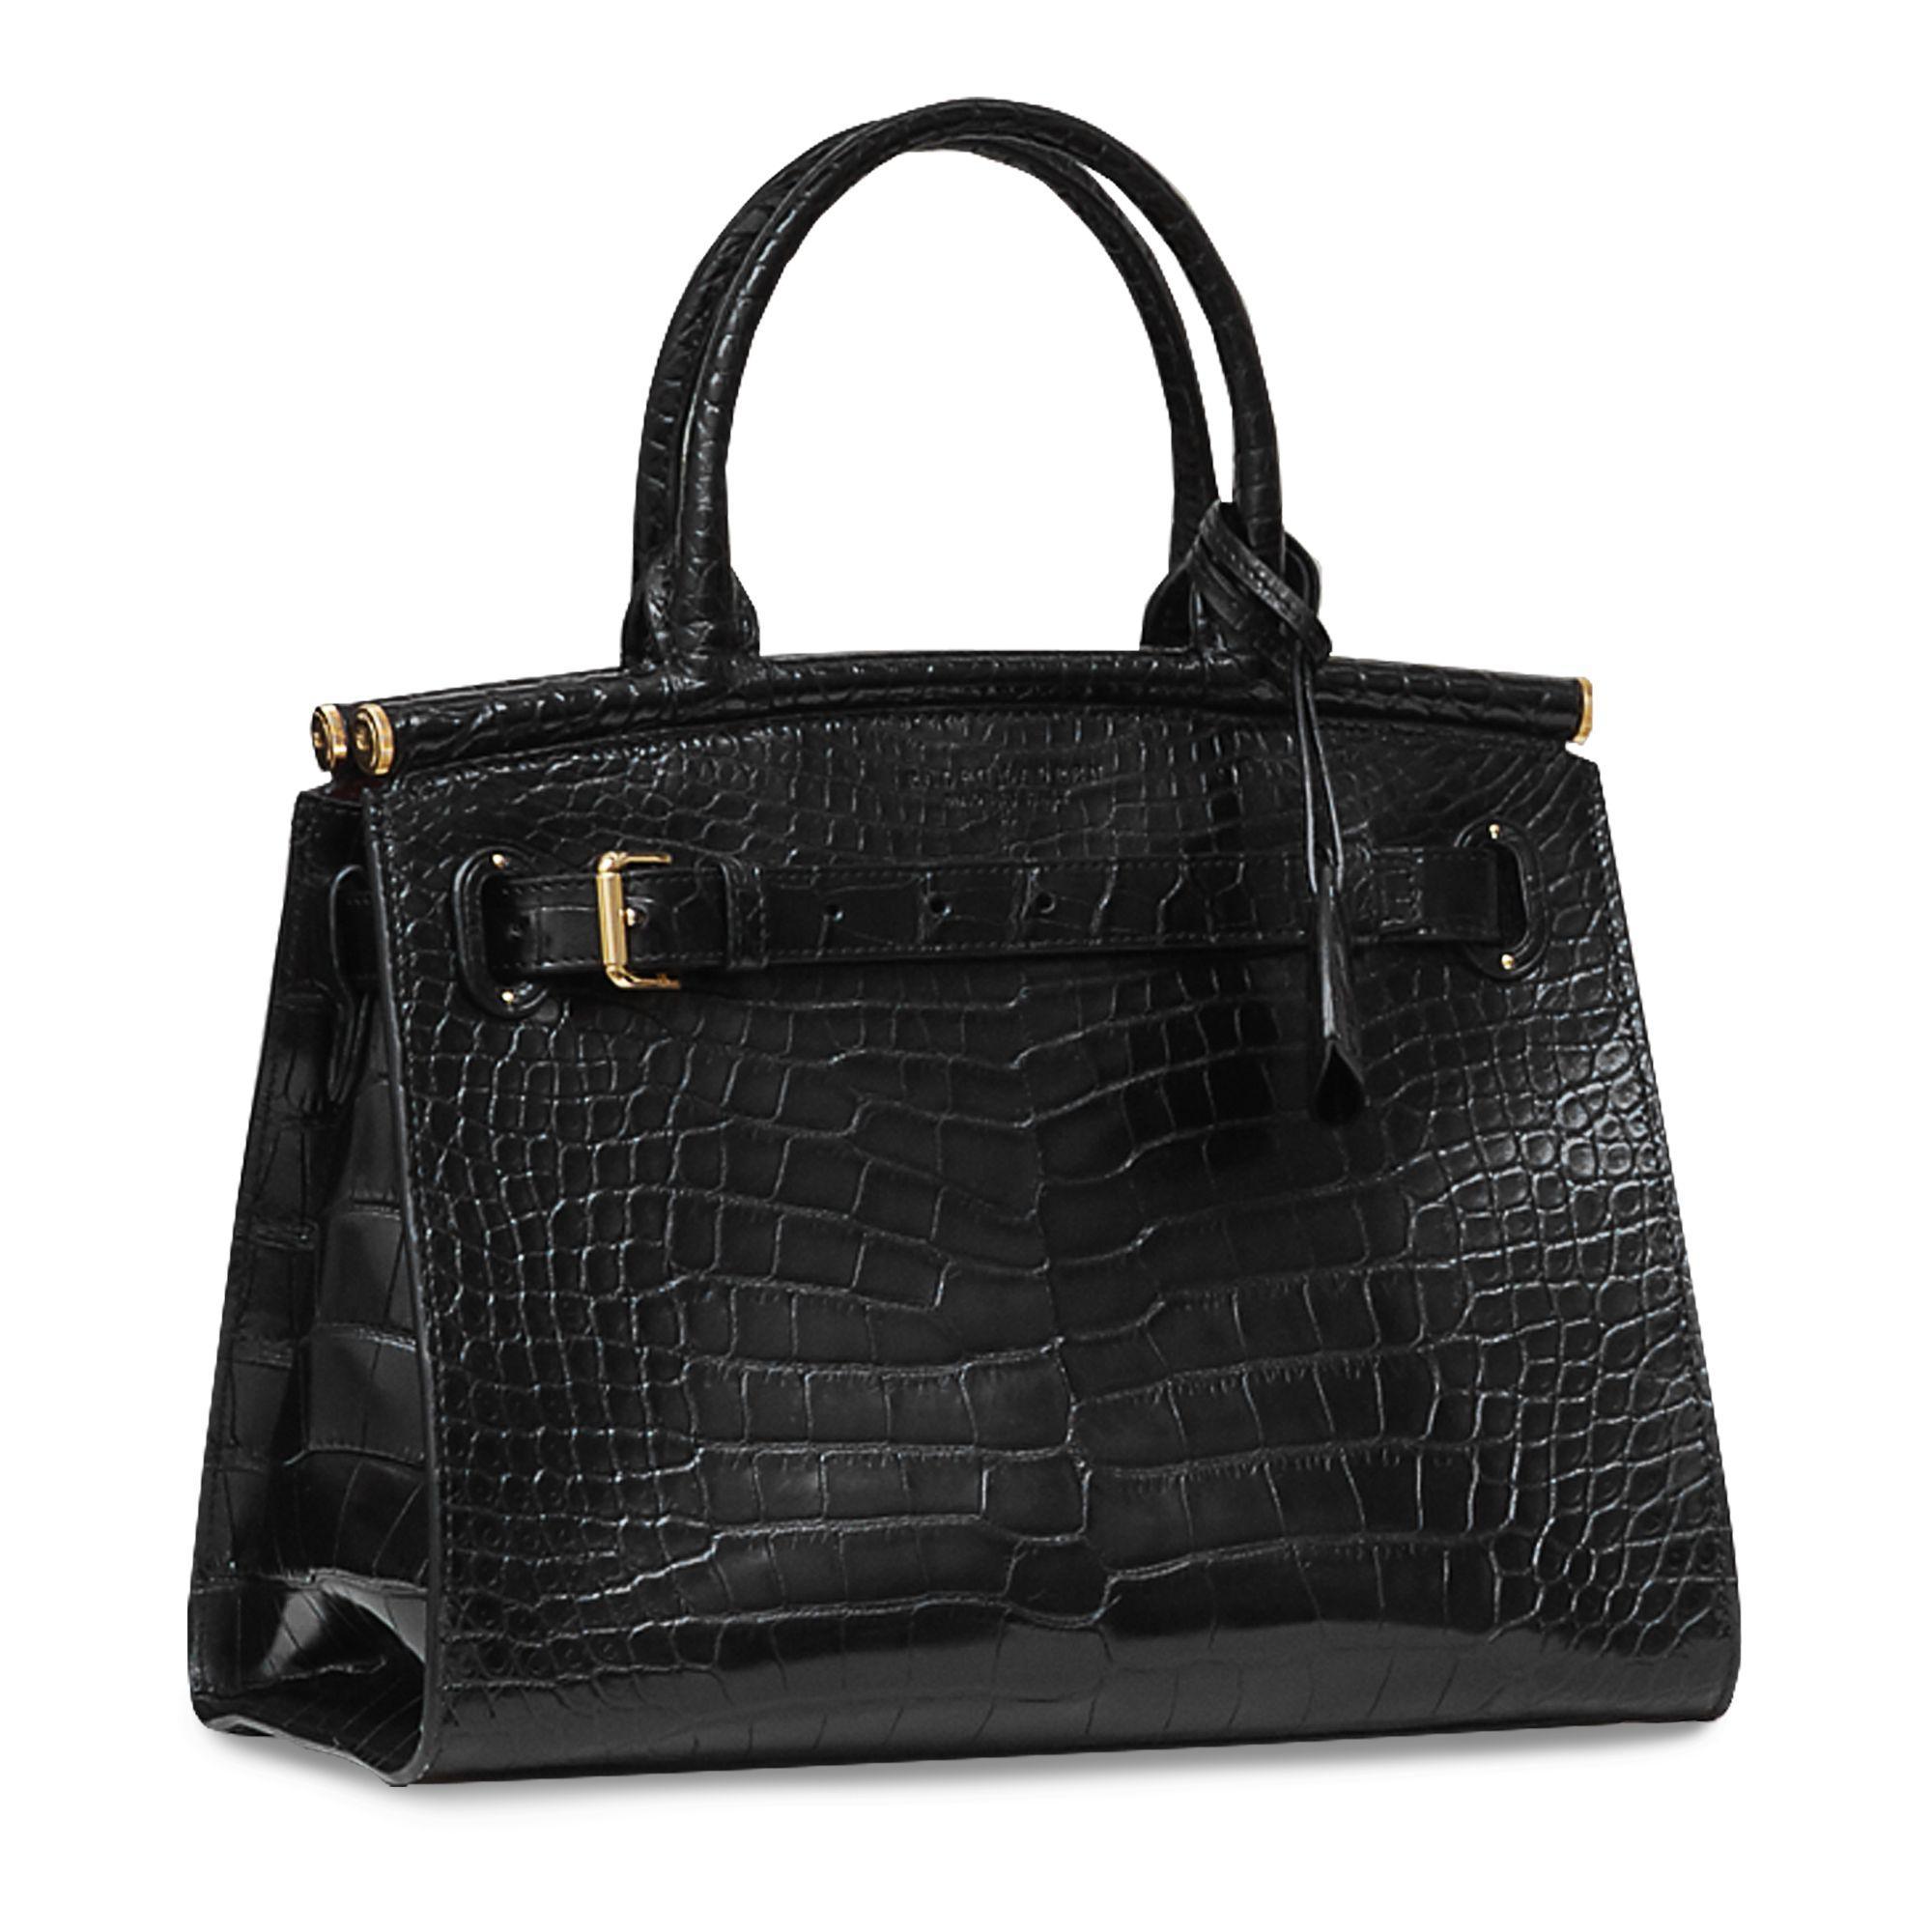 0e781c659a Ralph Lauren Alligator Medium Rl50 Handbag in Black - Lyst